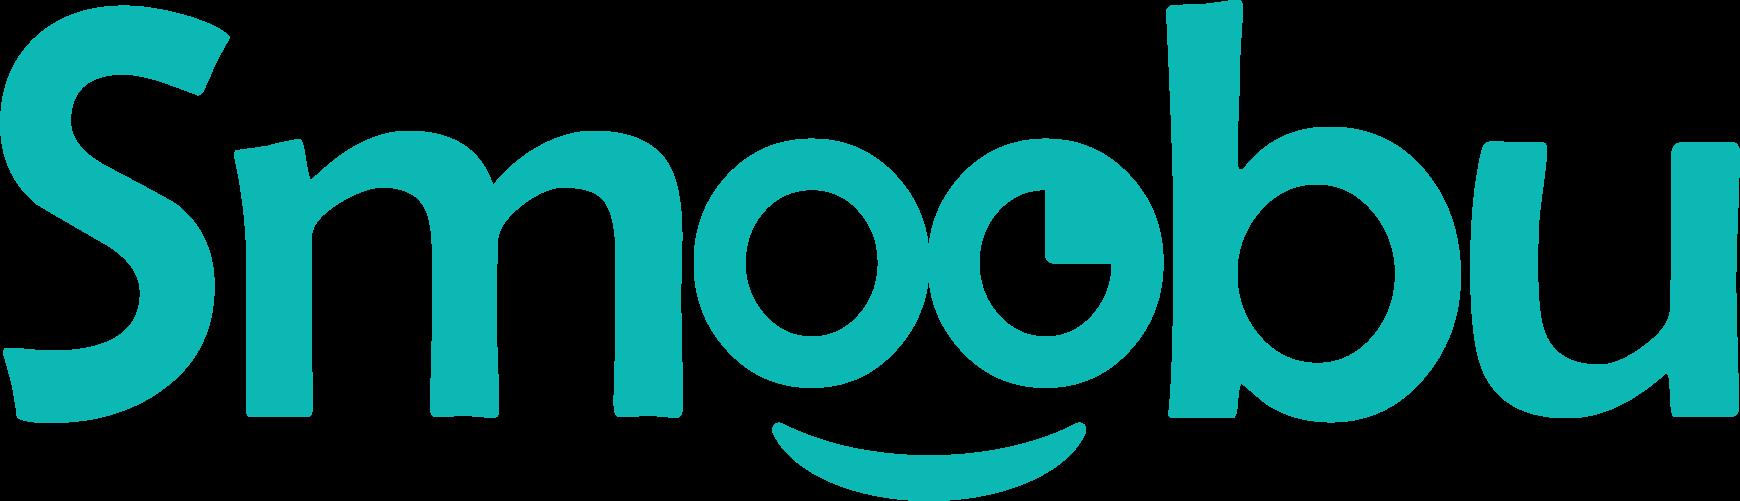 Logo de Smoobu